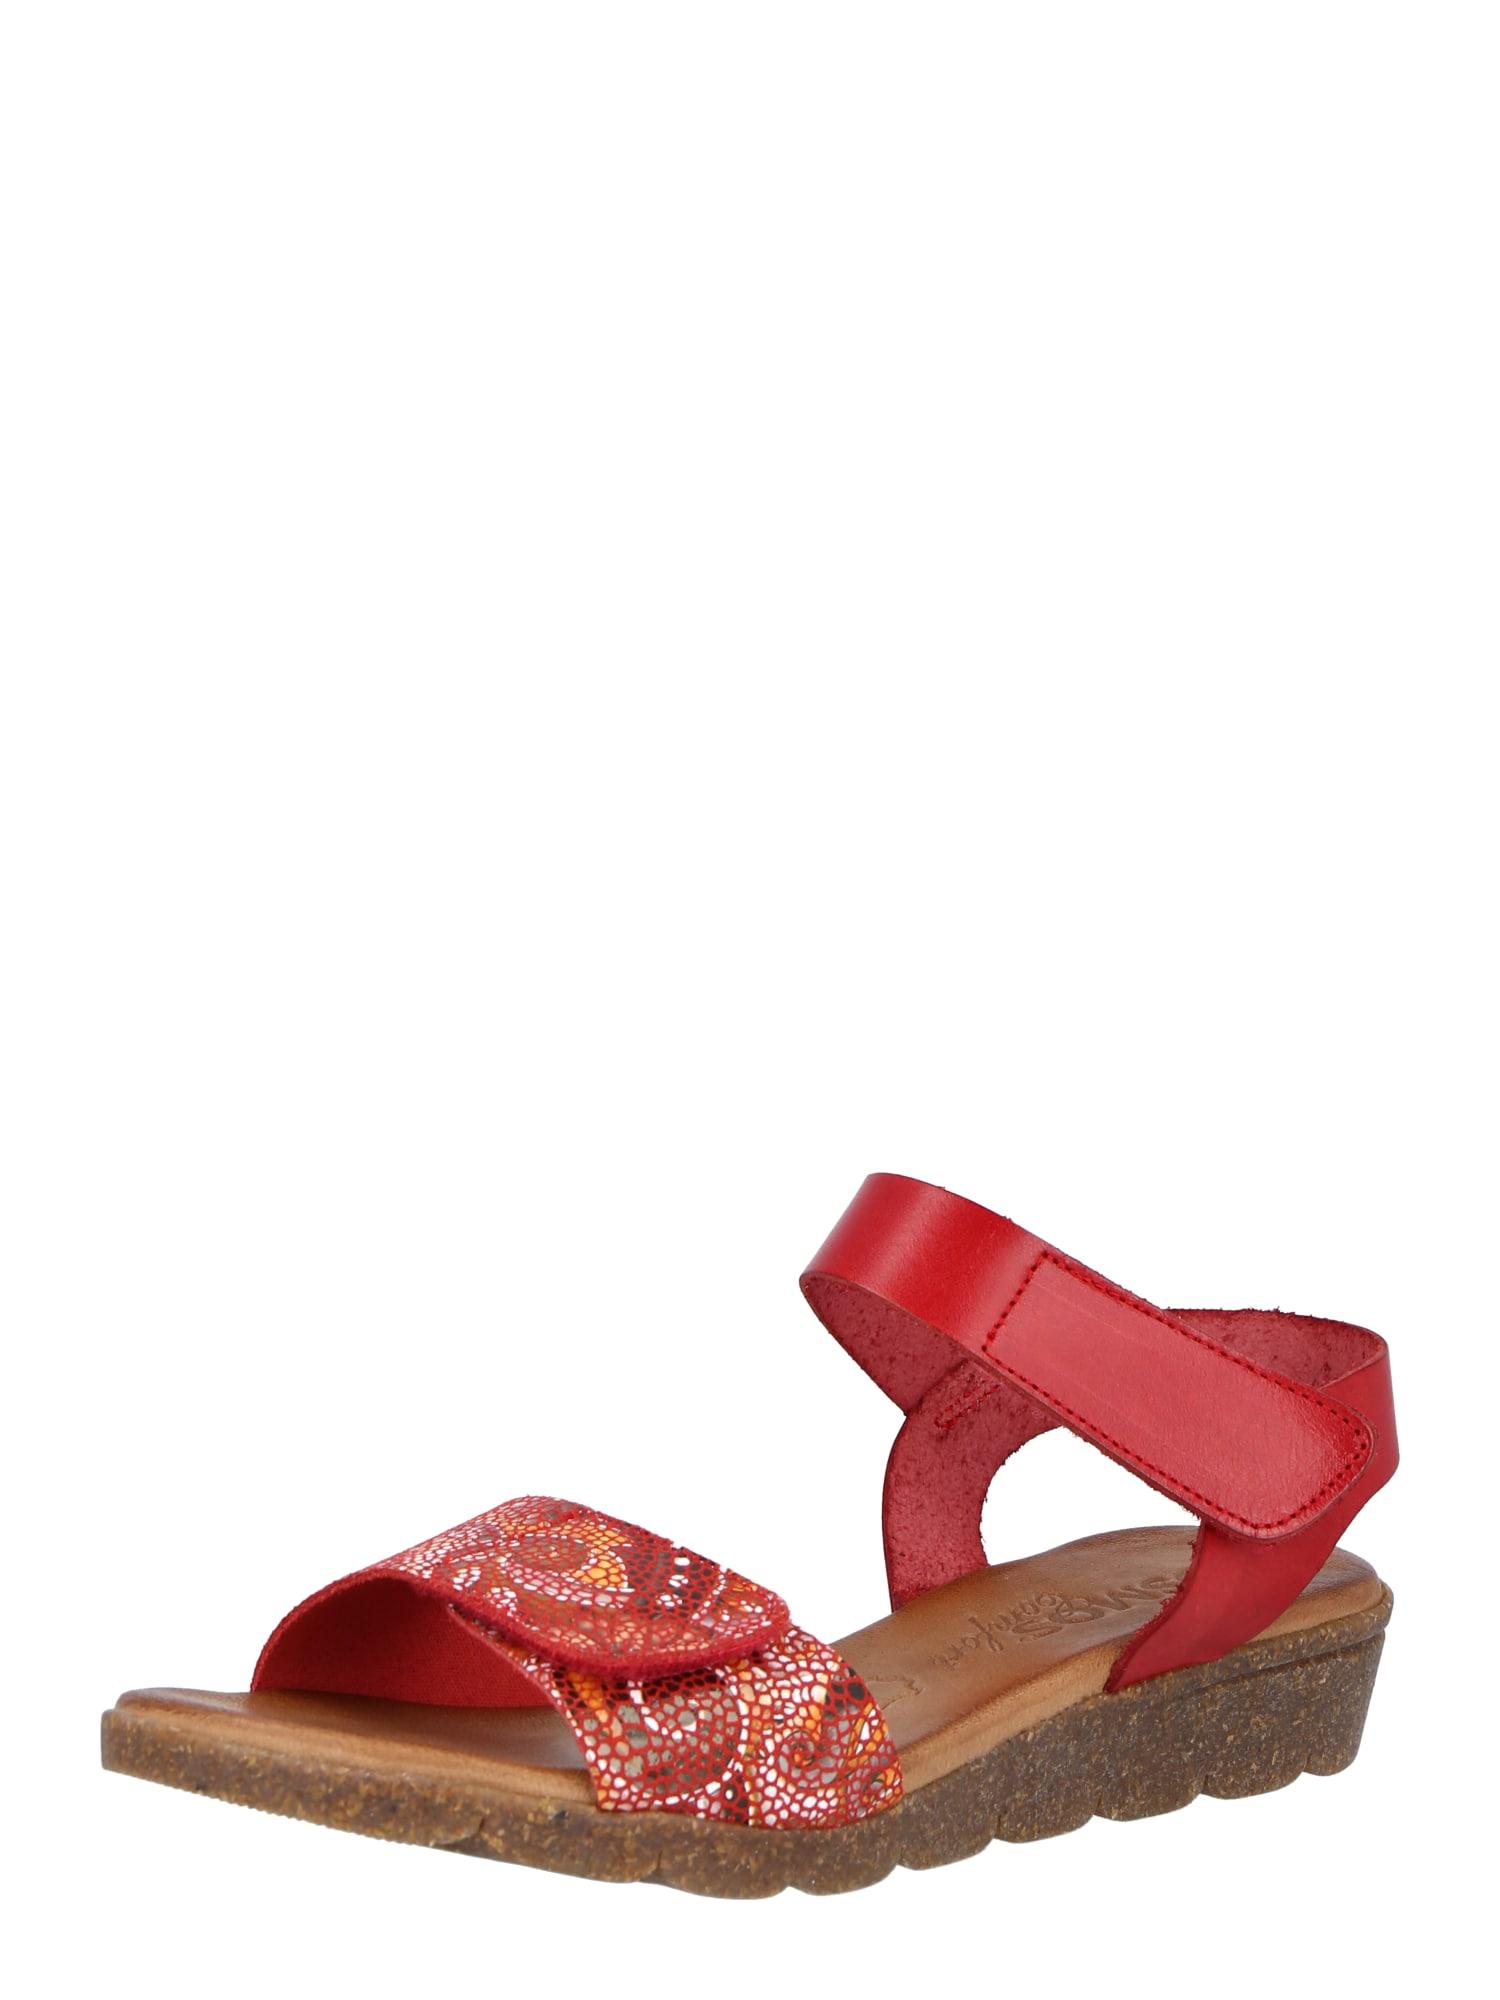 COSMOS COMFORT Sandalai raudona / mišrios spalvos